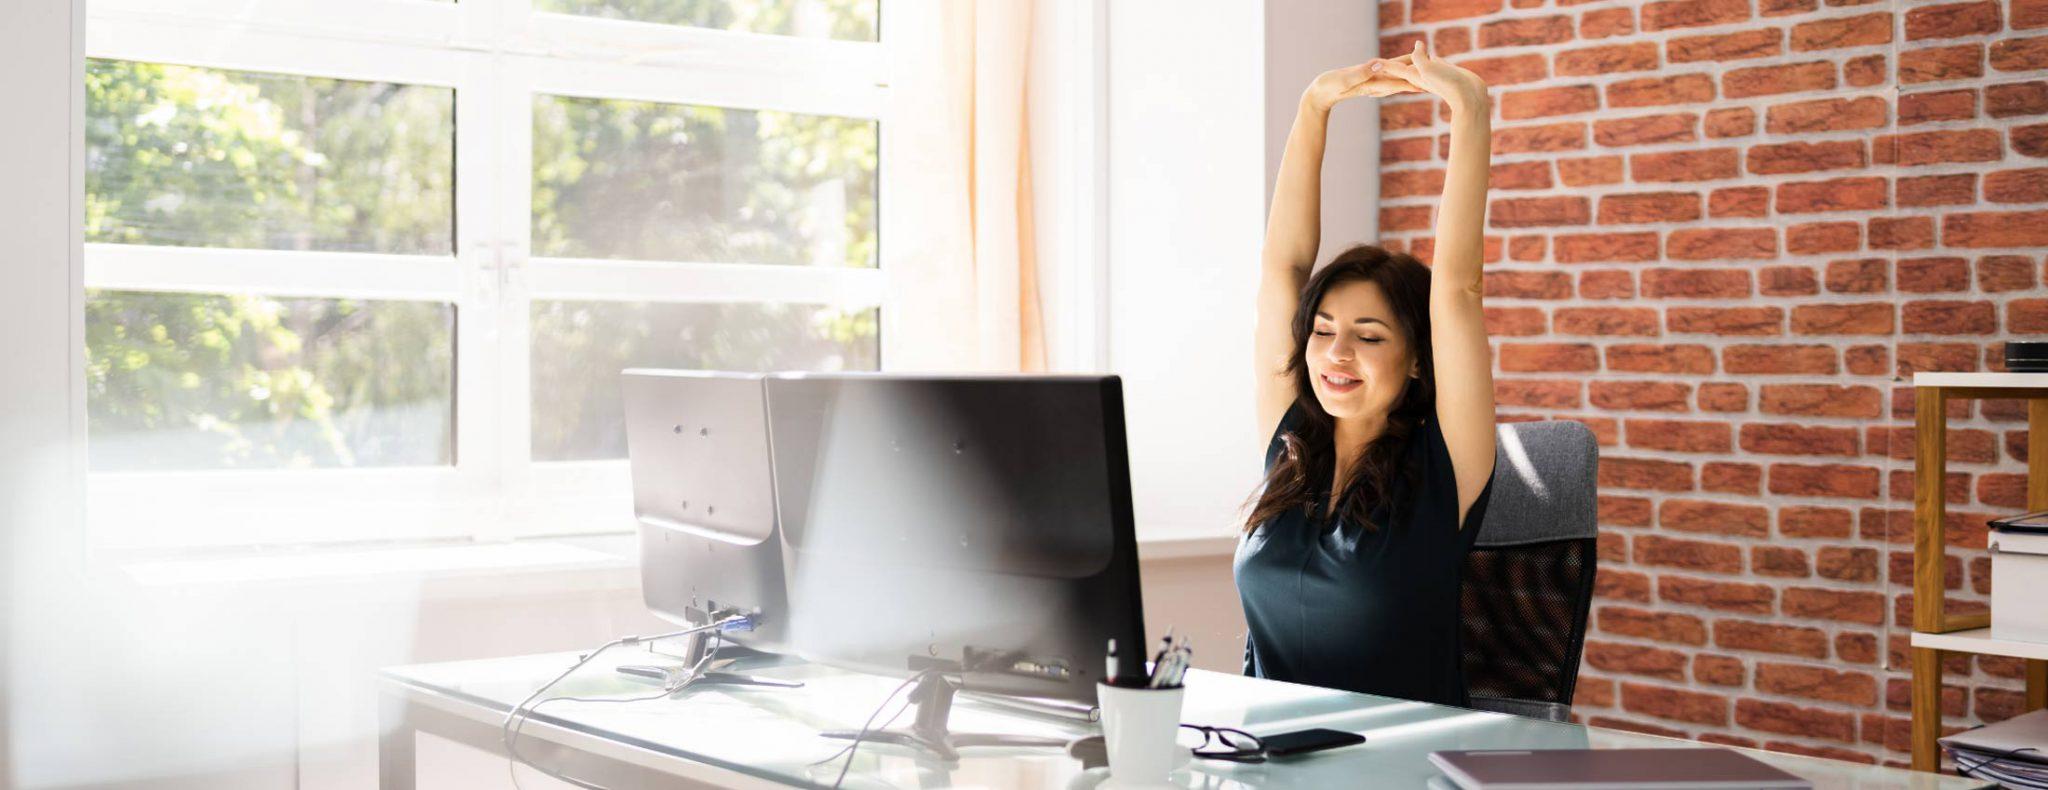 photo d'une employée de bureau qui fait des étirements pour éviter les risques physiques au travail